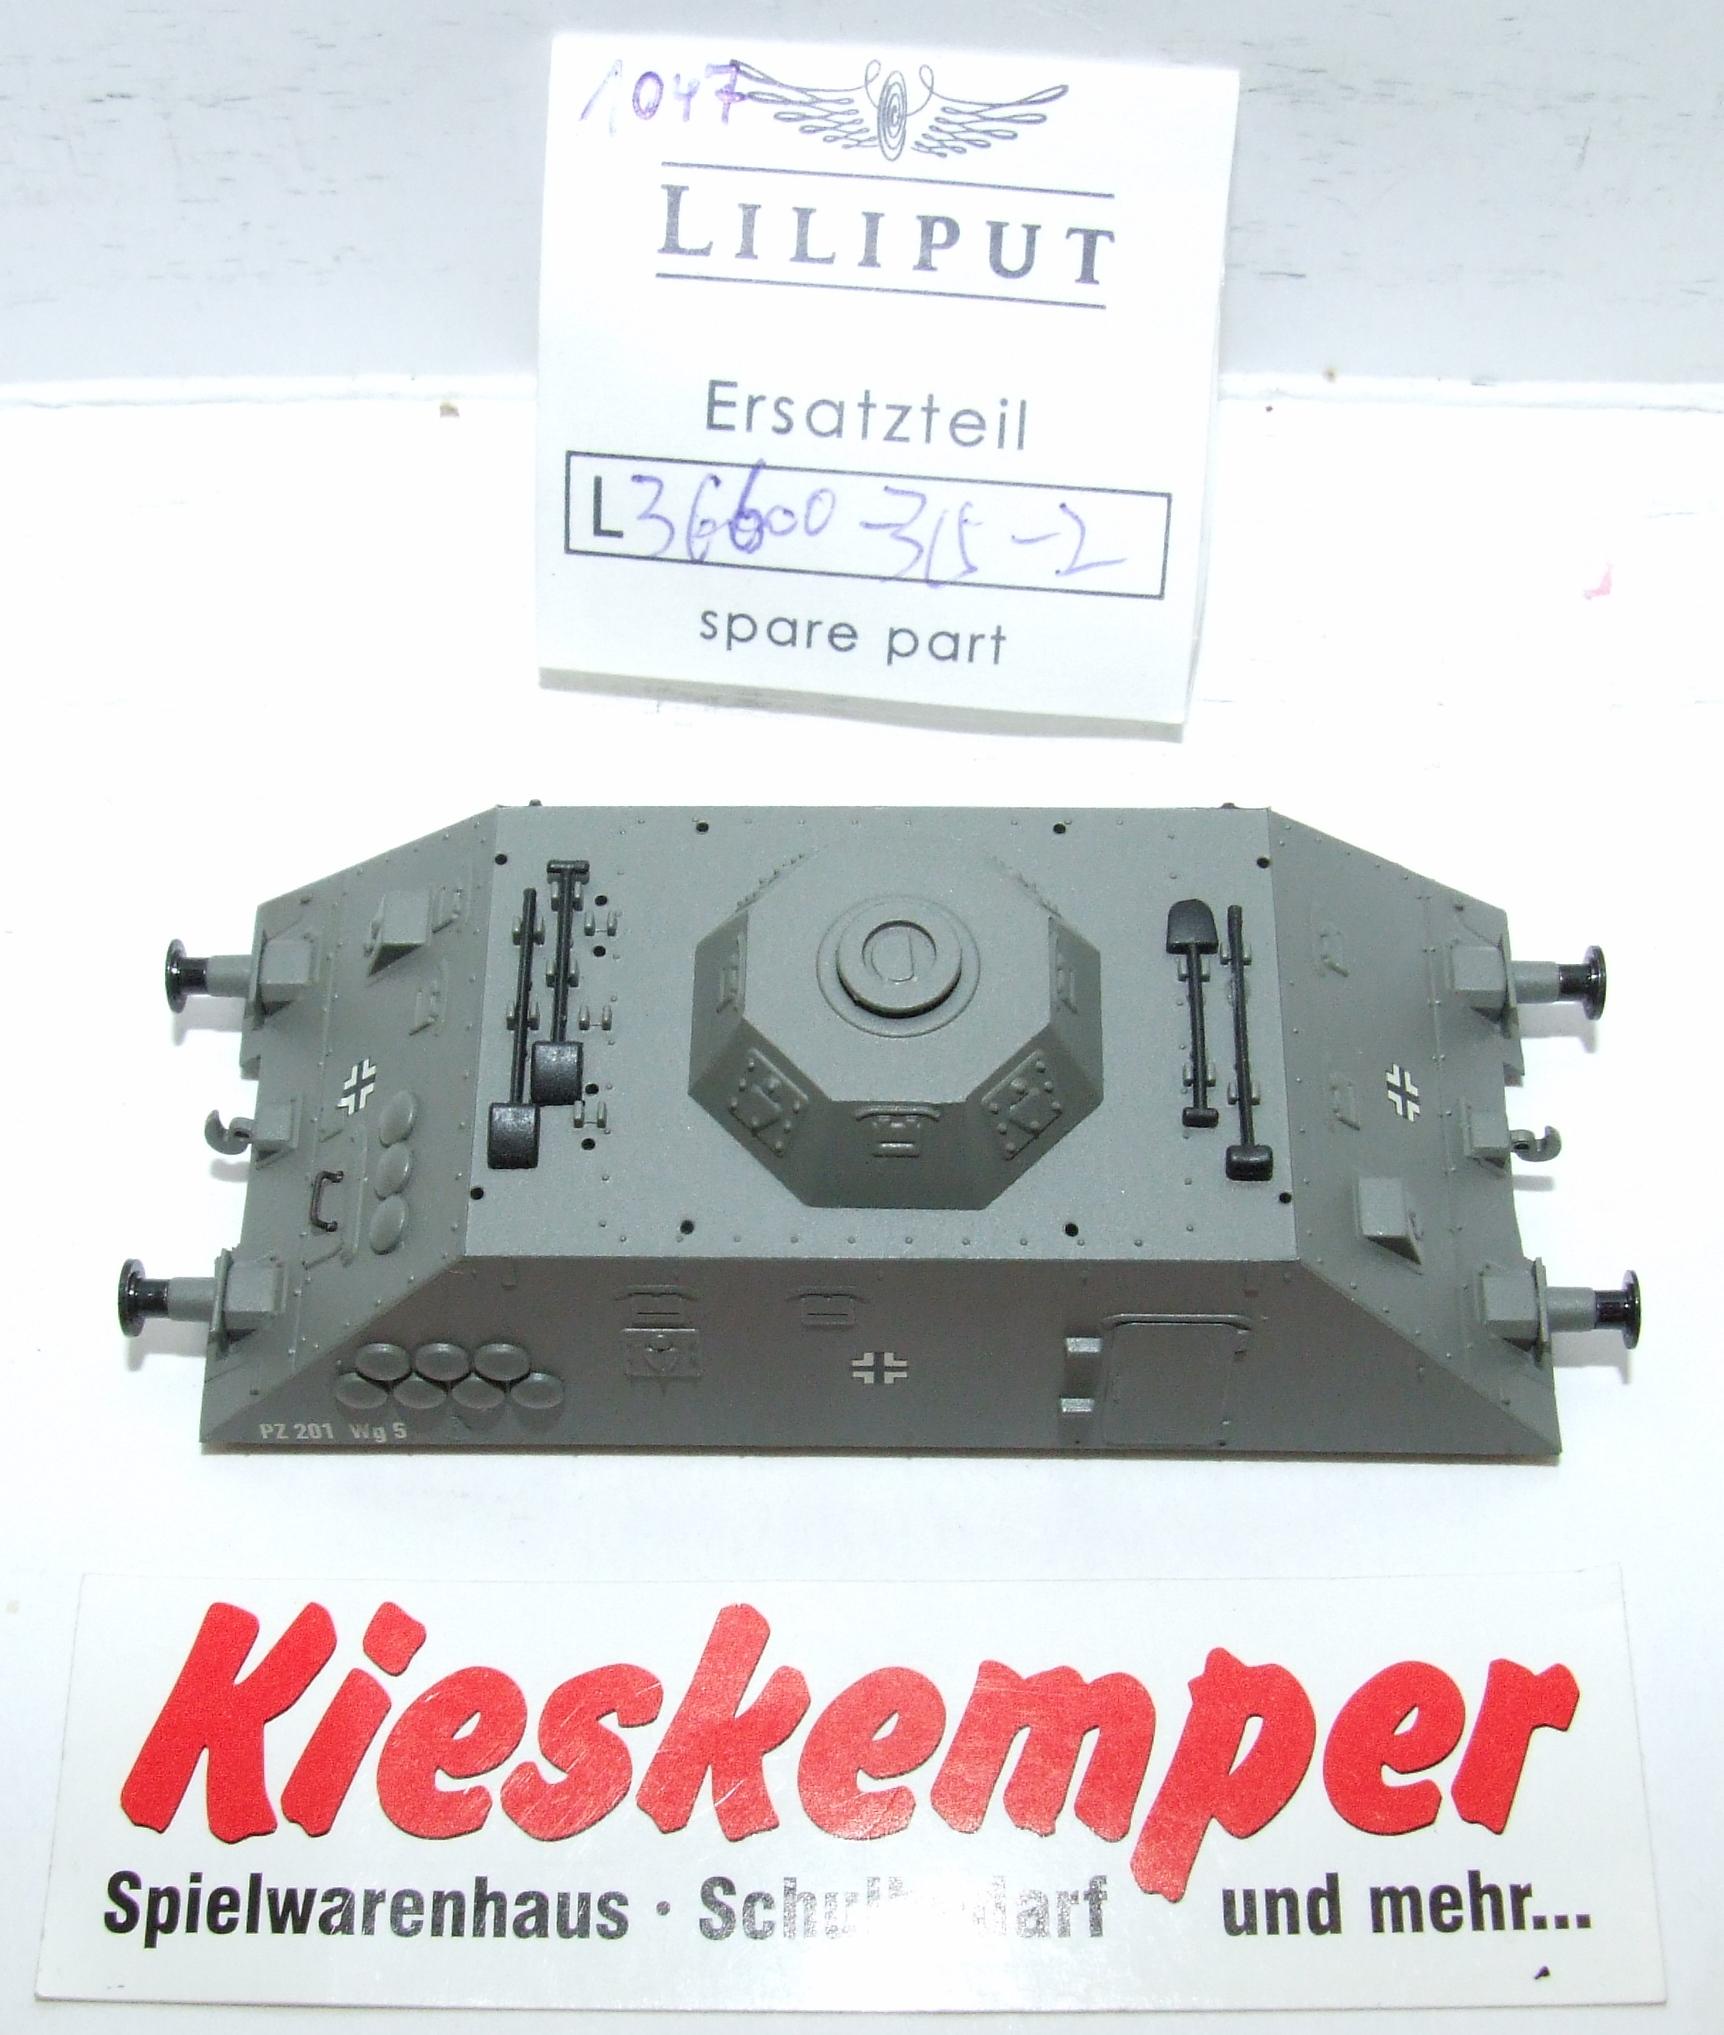 LO1047 Liliput H0 L 366003152 Gehäuse grau PZ 201 Wg5 Ersatzteil für Panzer Zug Wehrmacht